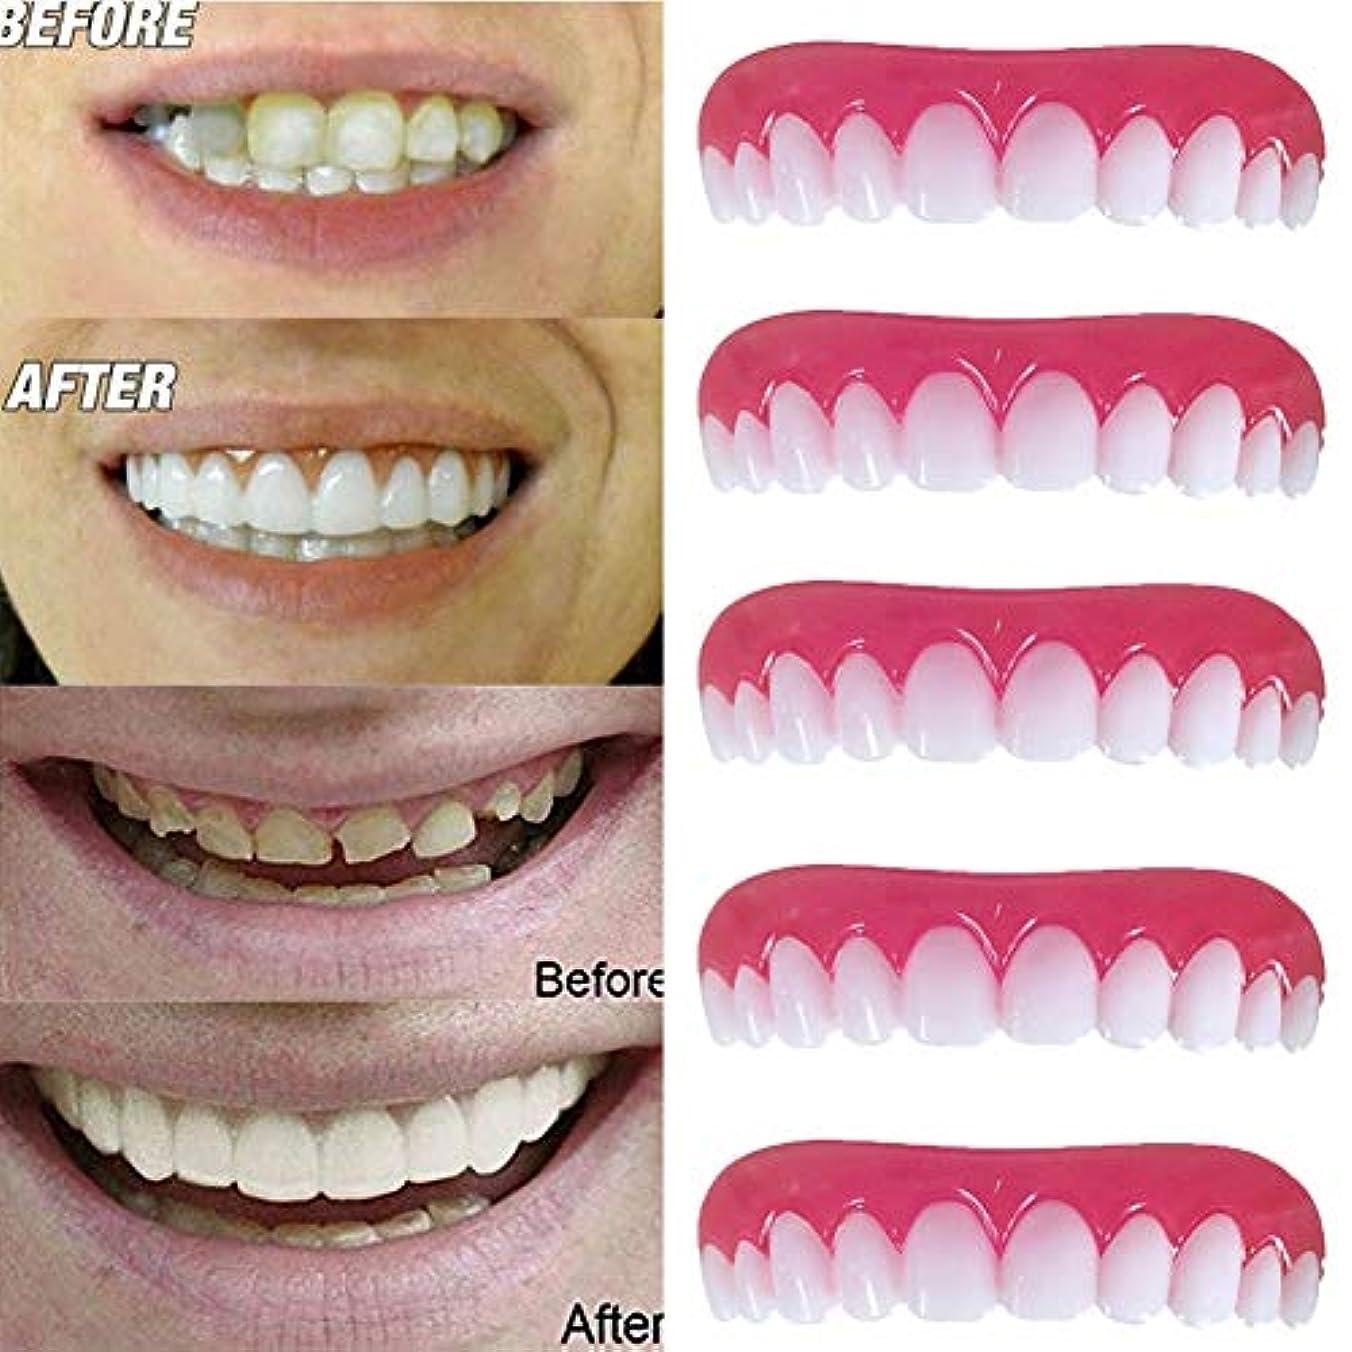 目的アノイ出口義歯化粧品歯、5個美容歯科ボタンアメージングスマイル快適な柔らかい歯科突き板歯科化粧品ステッカー